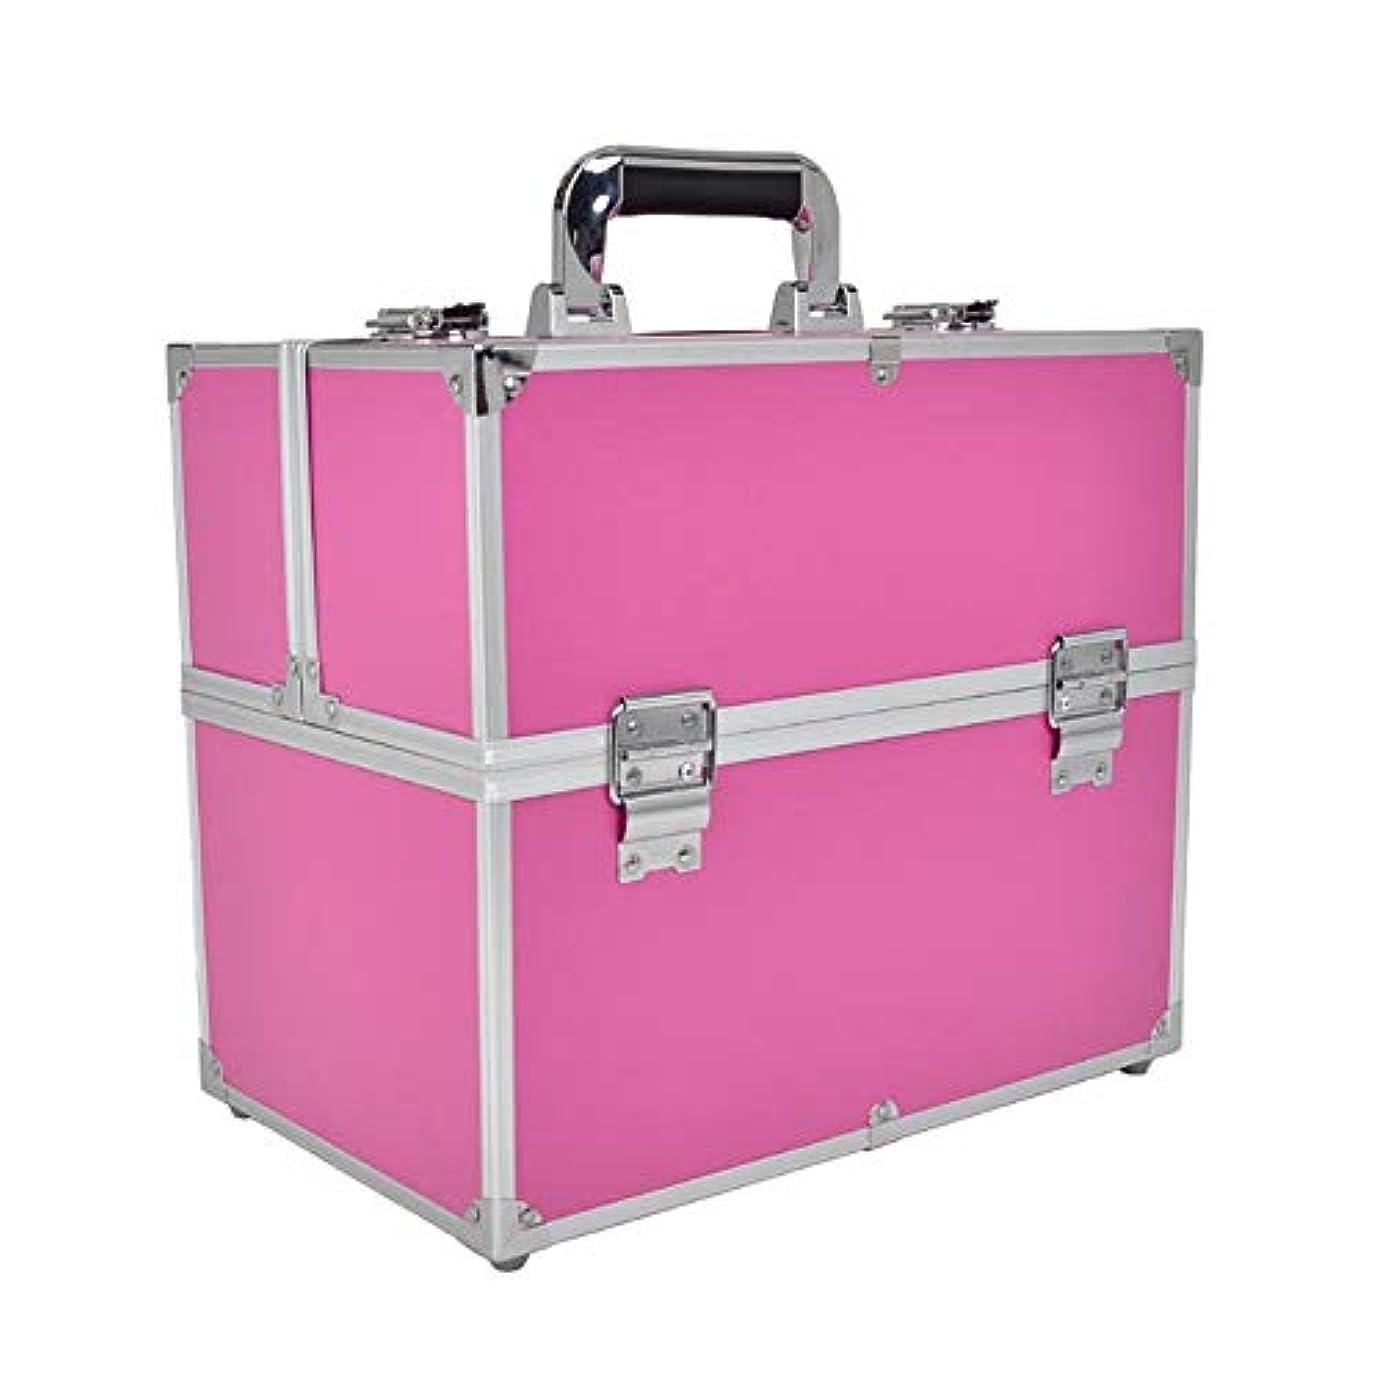 パンフレット無心議会化粧オーガナイザーバッグ 6トレイの小さなものの種類のための旅行のための美容メイクアップのための大容量大容量化粧品ケース 化粧品ケース